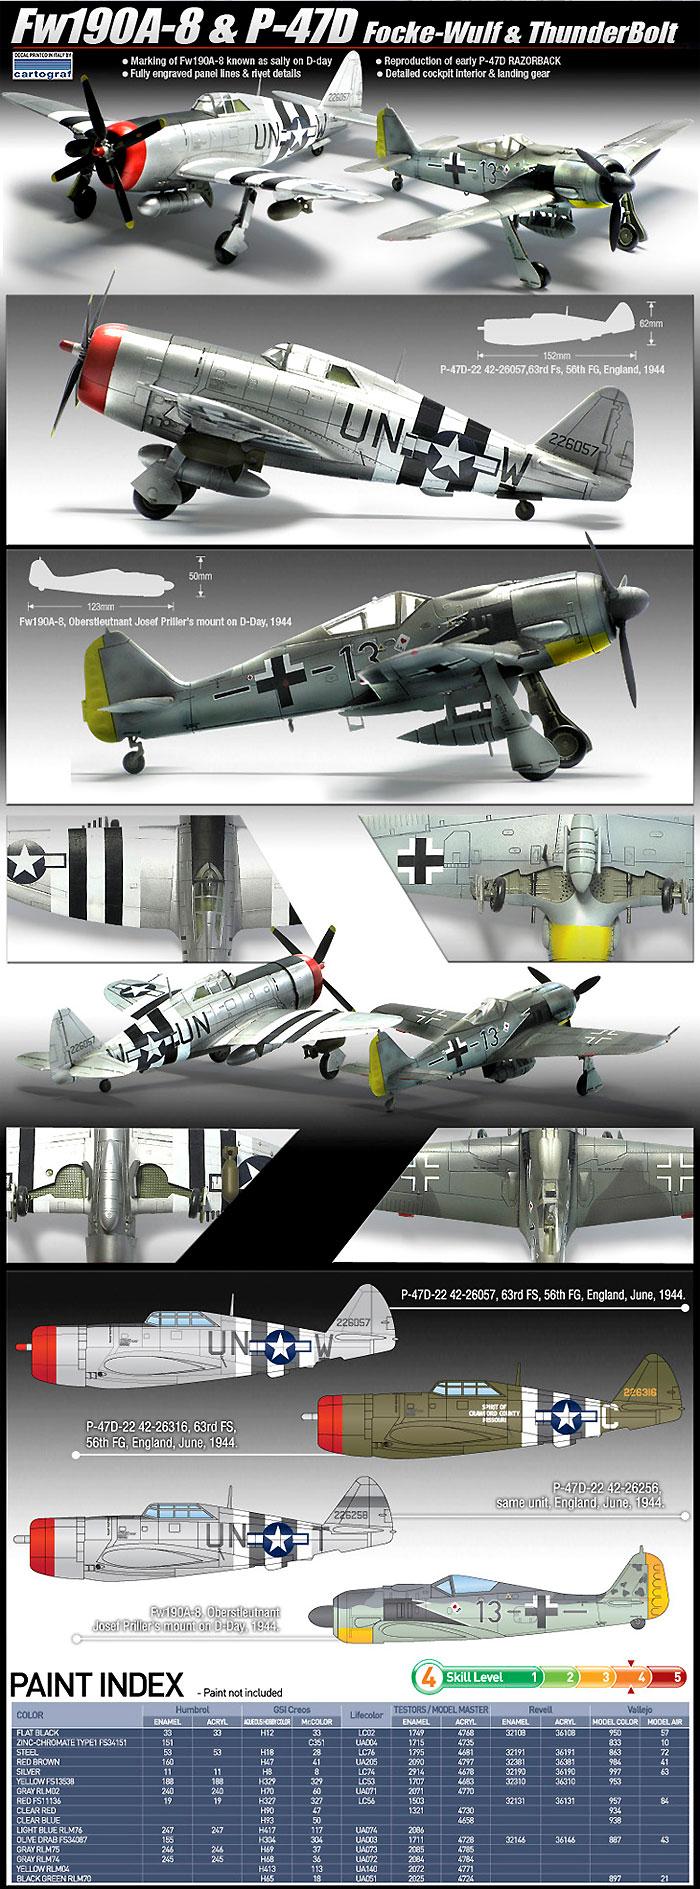 Fw190A-8 & P-47D ノルマンディー上陸作戦 70周年セットプラモデル(アカデミー1/72 Scale AircraftsNo.12513)商品画像_2